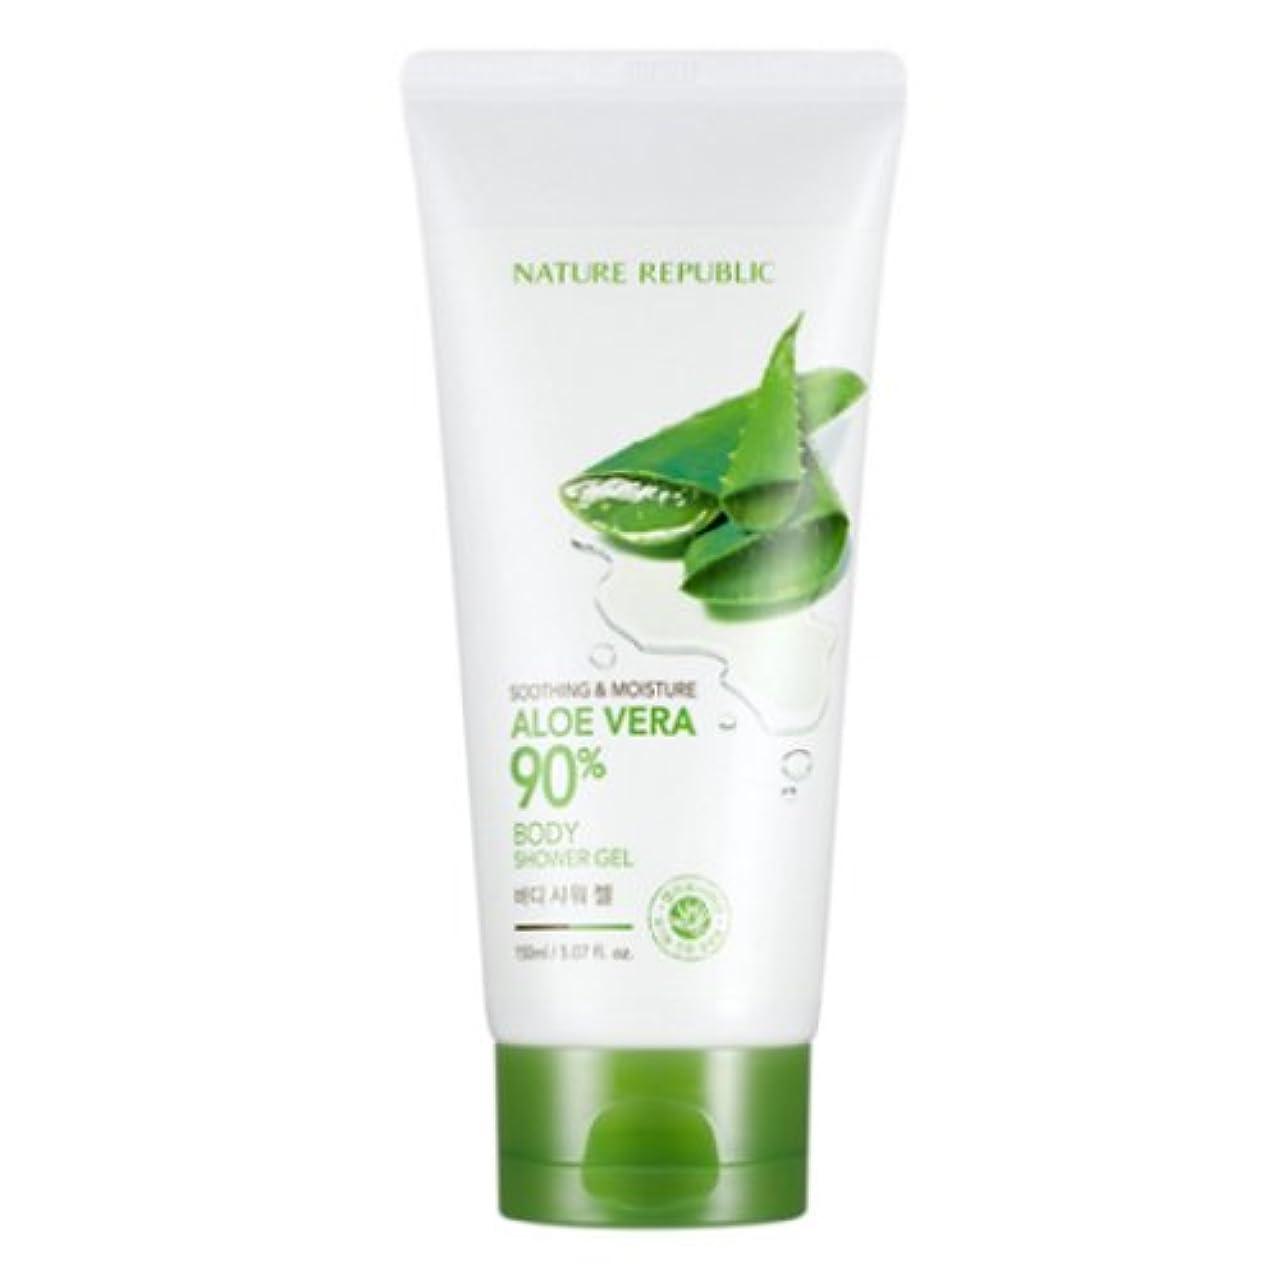 スポンジ頻繁に手書き[ネイチャーリパブリック] Nature republicスージングアンドモイスチャーアロエベラ90%ボディシャワージェル海外直送品(Soothing And Moisture Aloe Vera90%Body Shower...